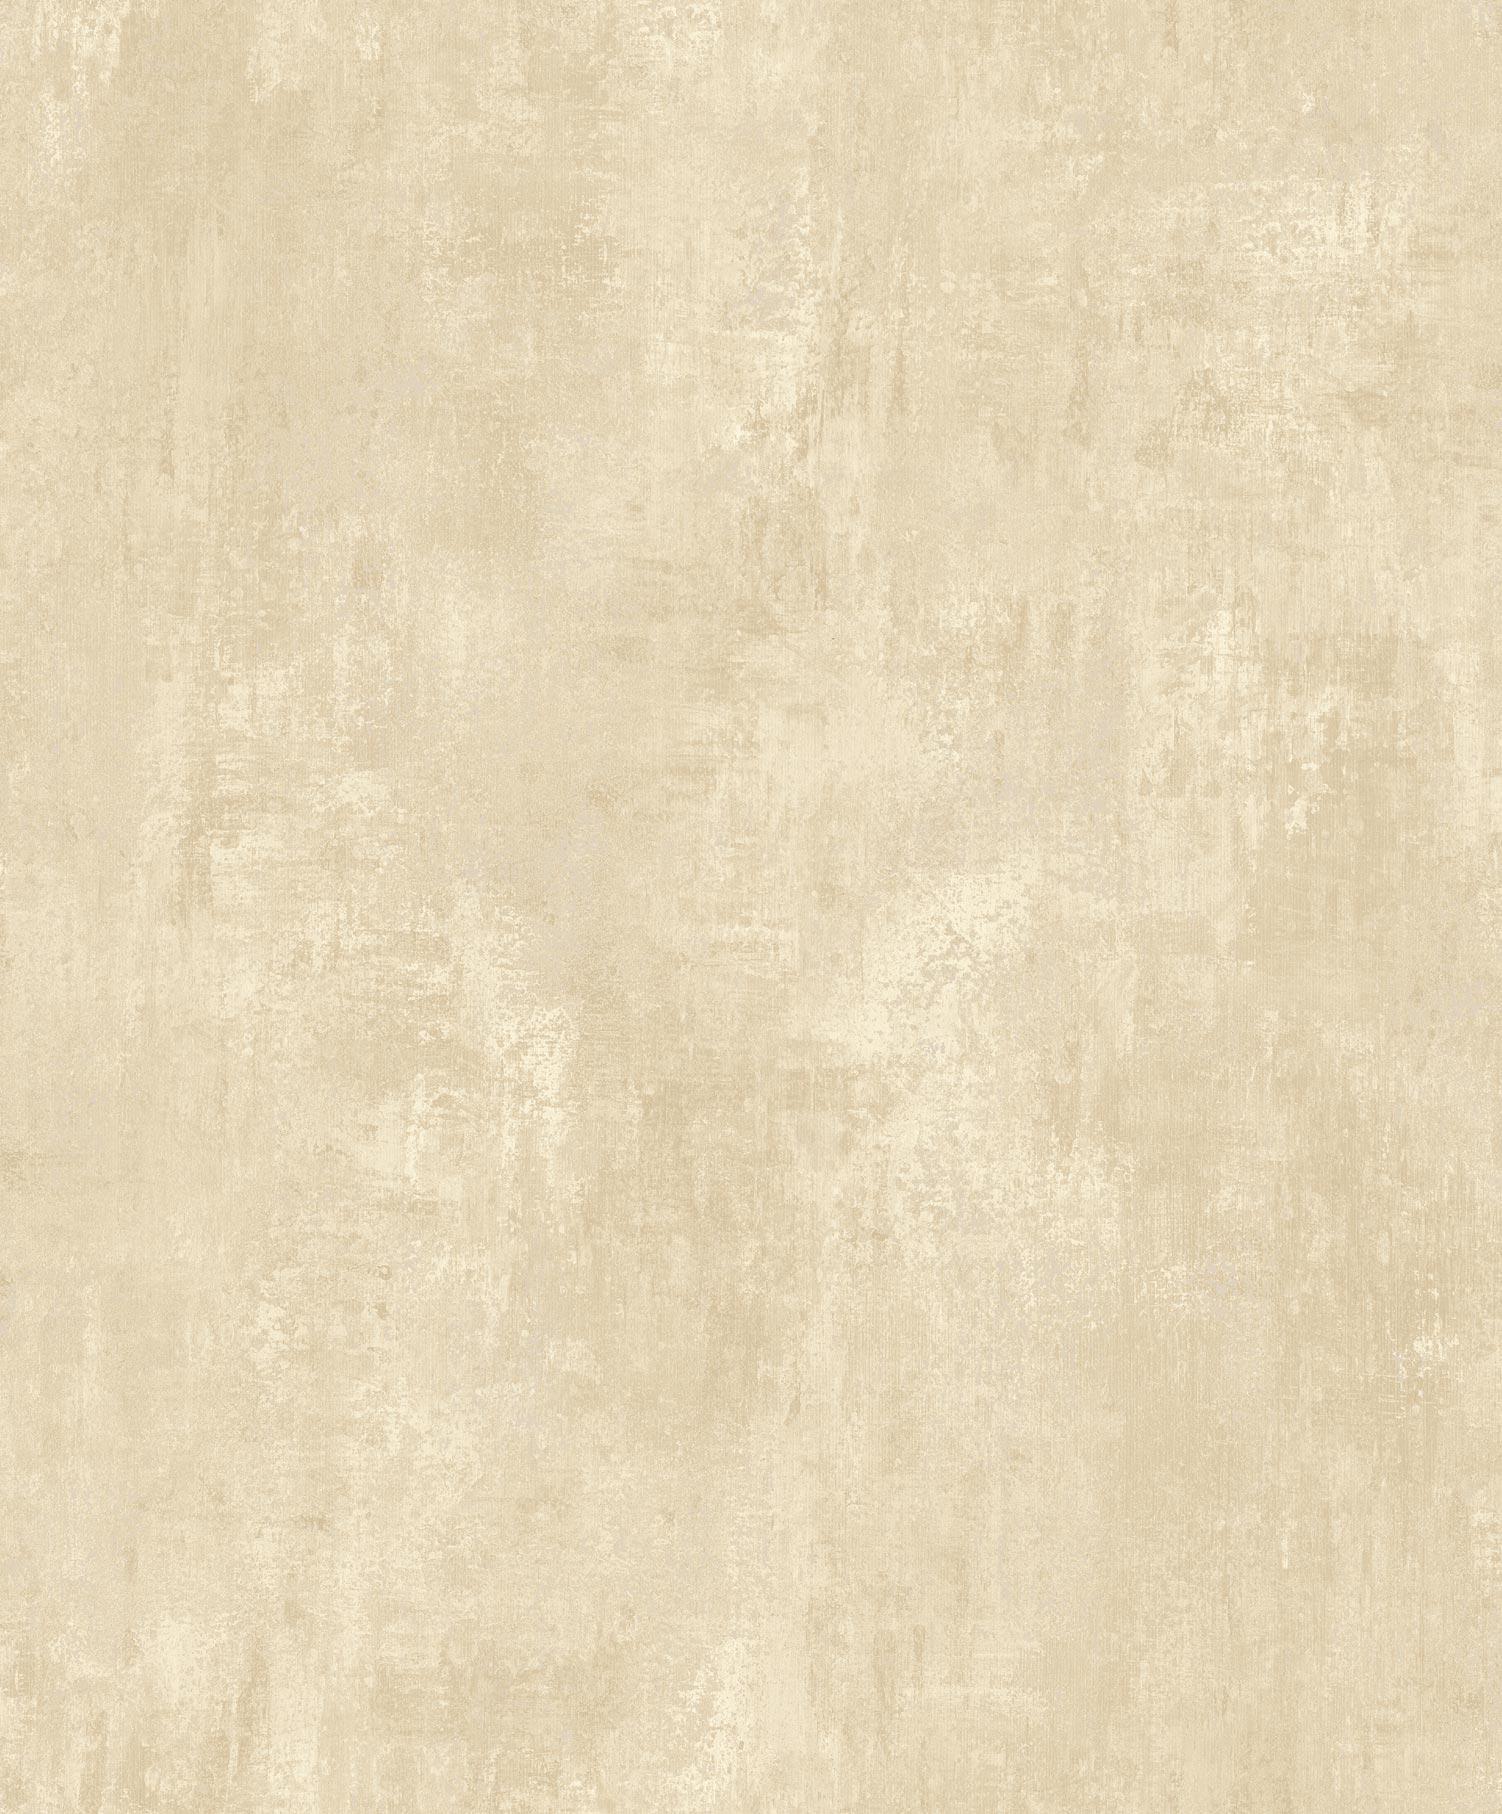 Обои Ugepa Couleurs j74337 (Угепа)